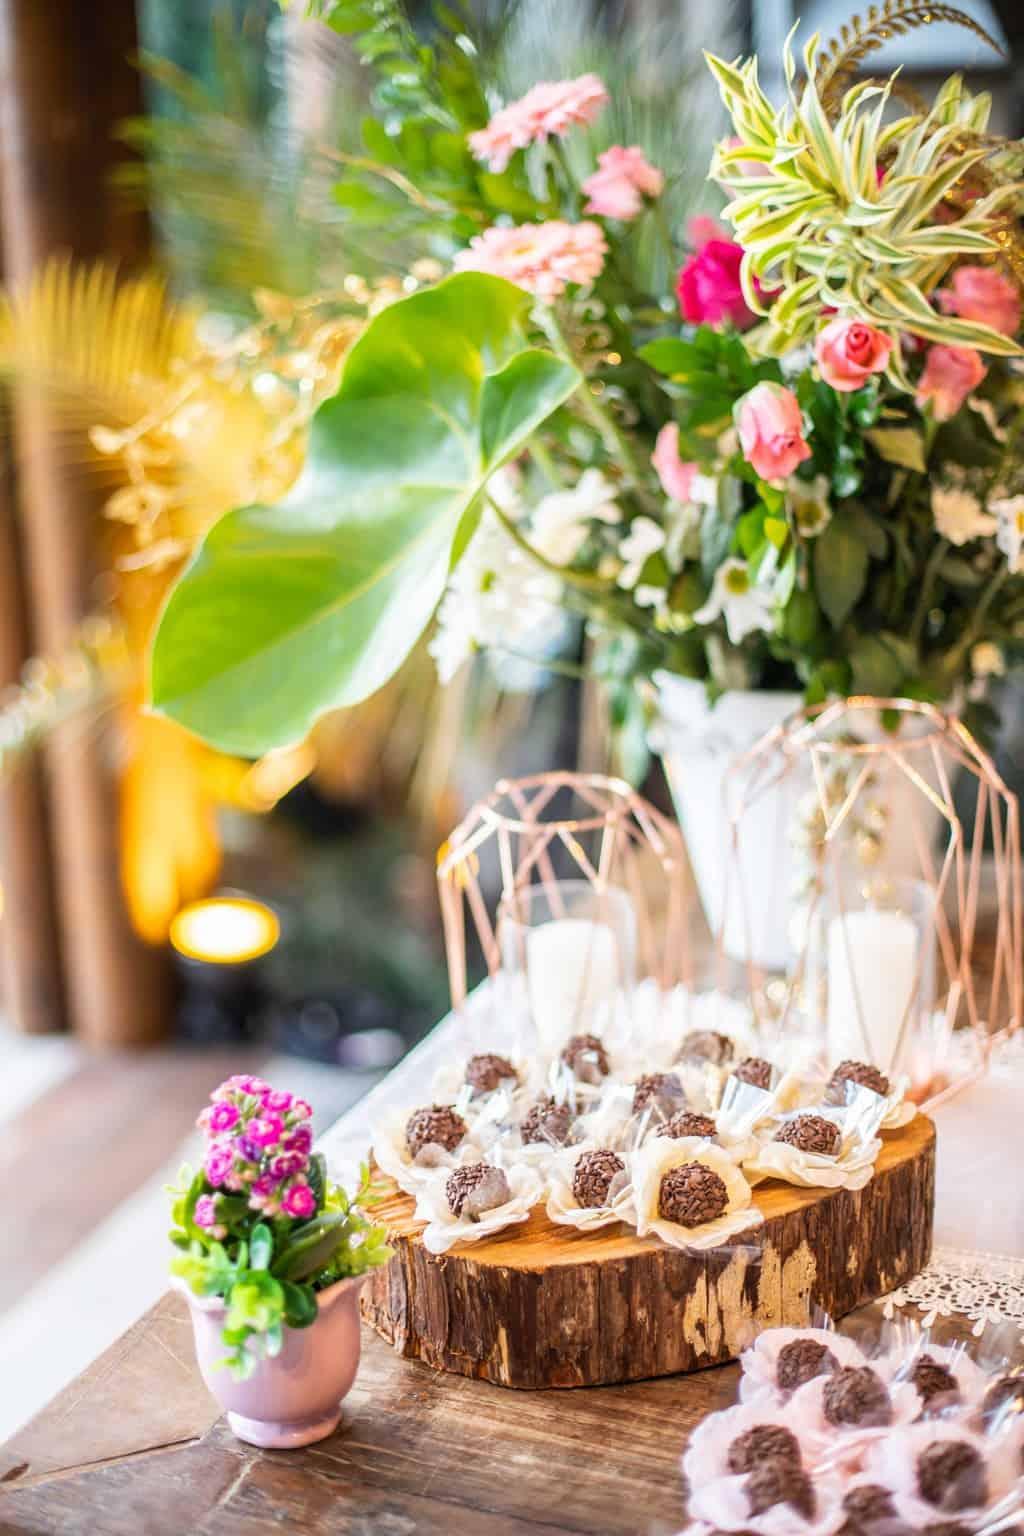 Casamento-Juliana-e-Sebastian-decoracao-decoracao-rustica-mesa-de-doces-Pousada-La-Belle-Bruna16